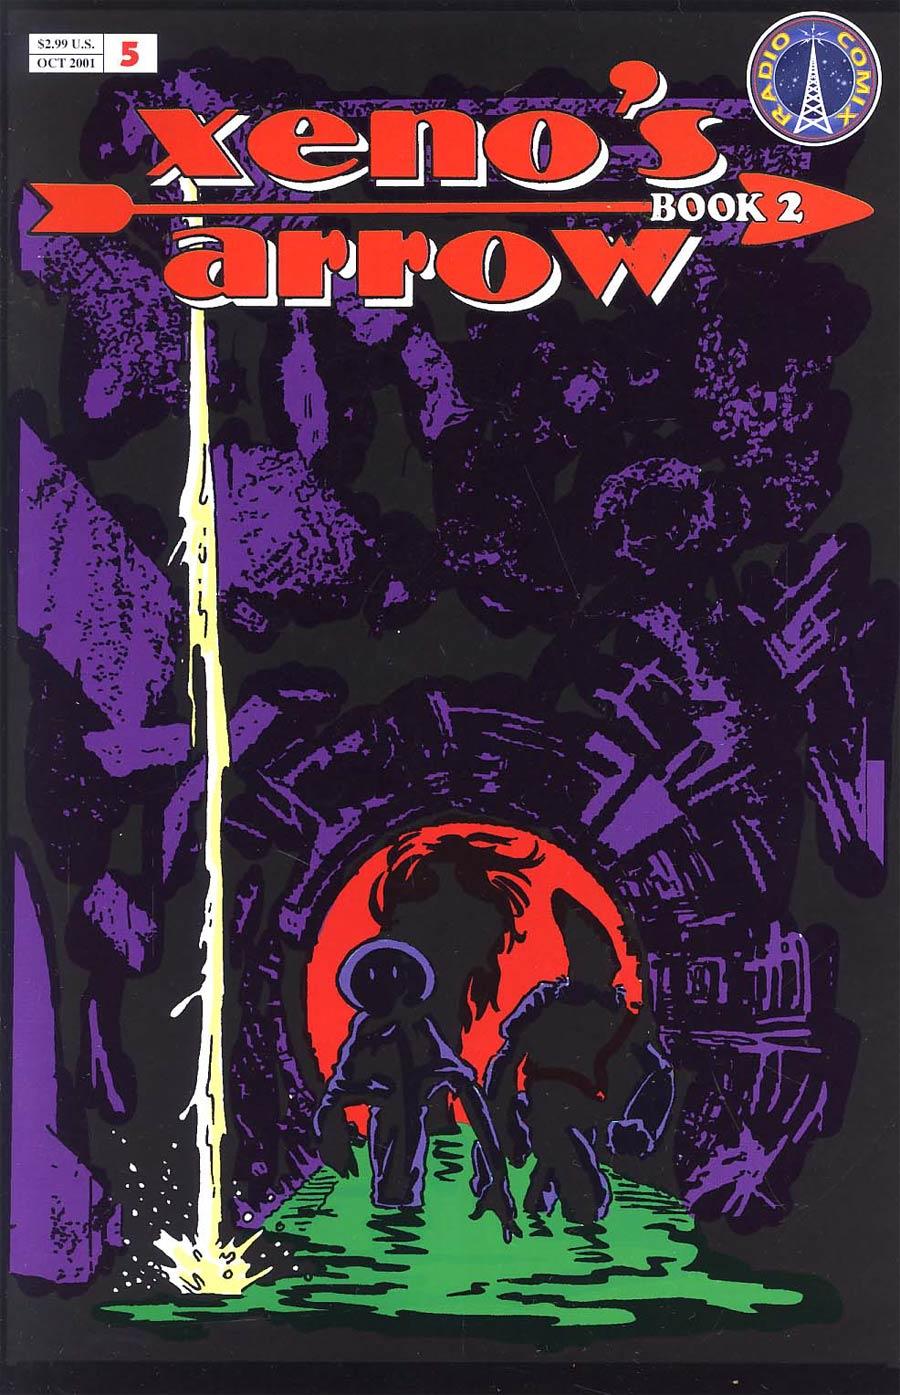 Xenos Arrow Book 2 #5